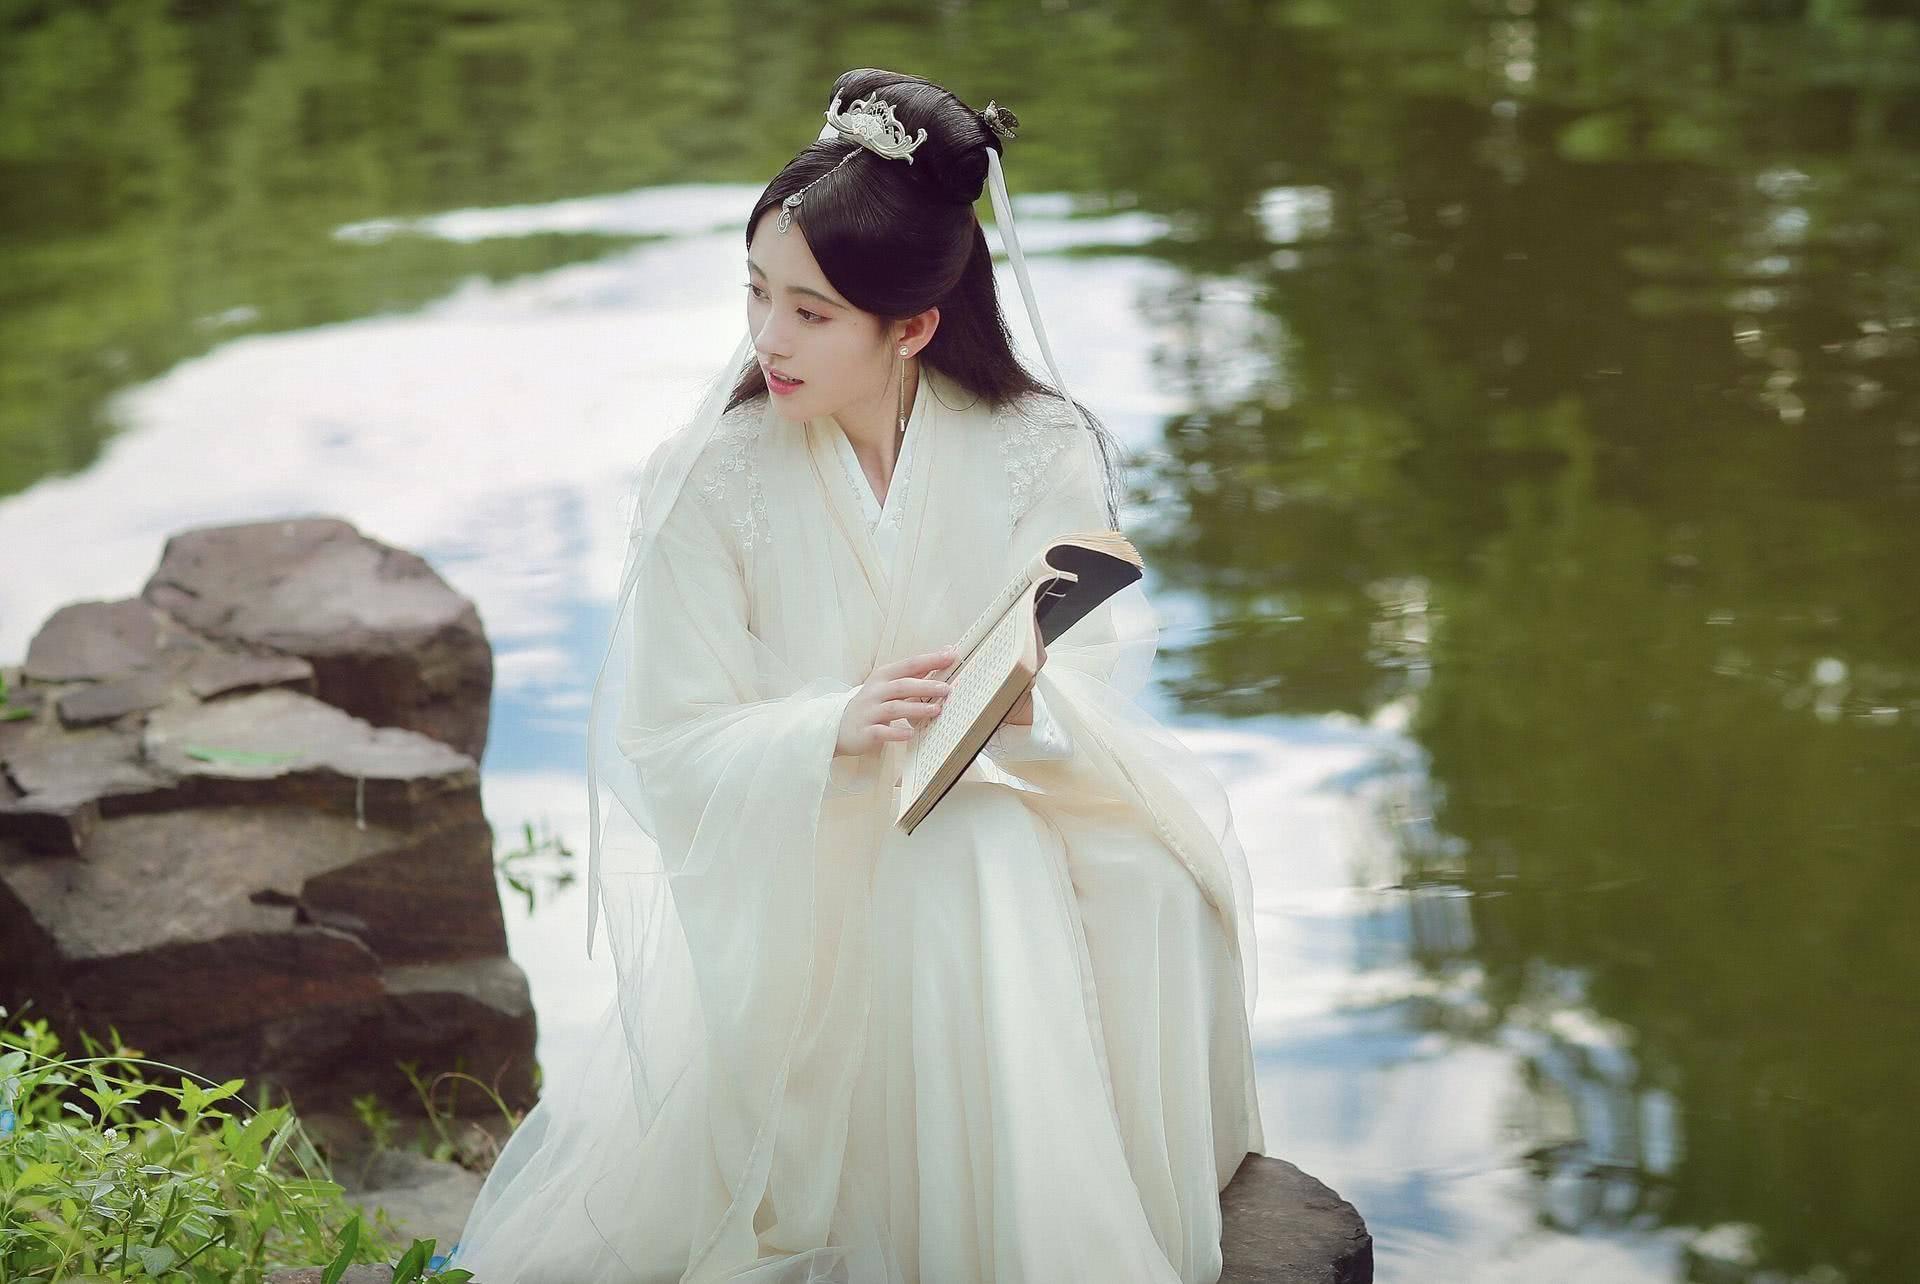 《春日宴》肖战和鞠婧祎将主演男女主角?任嘉伦可能更合适